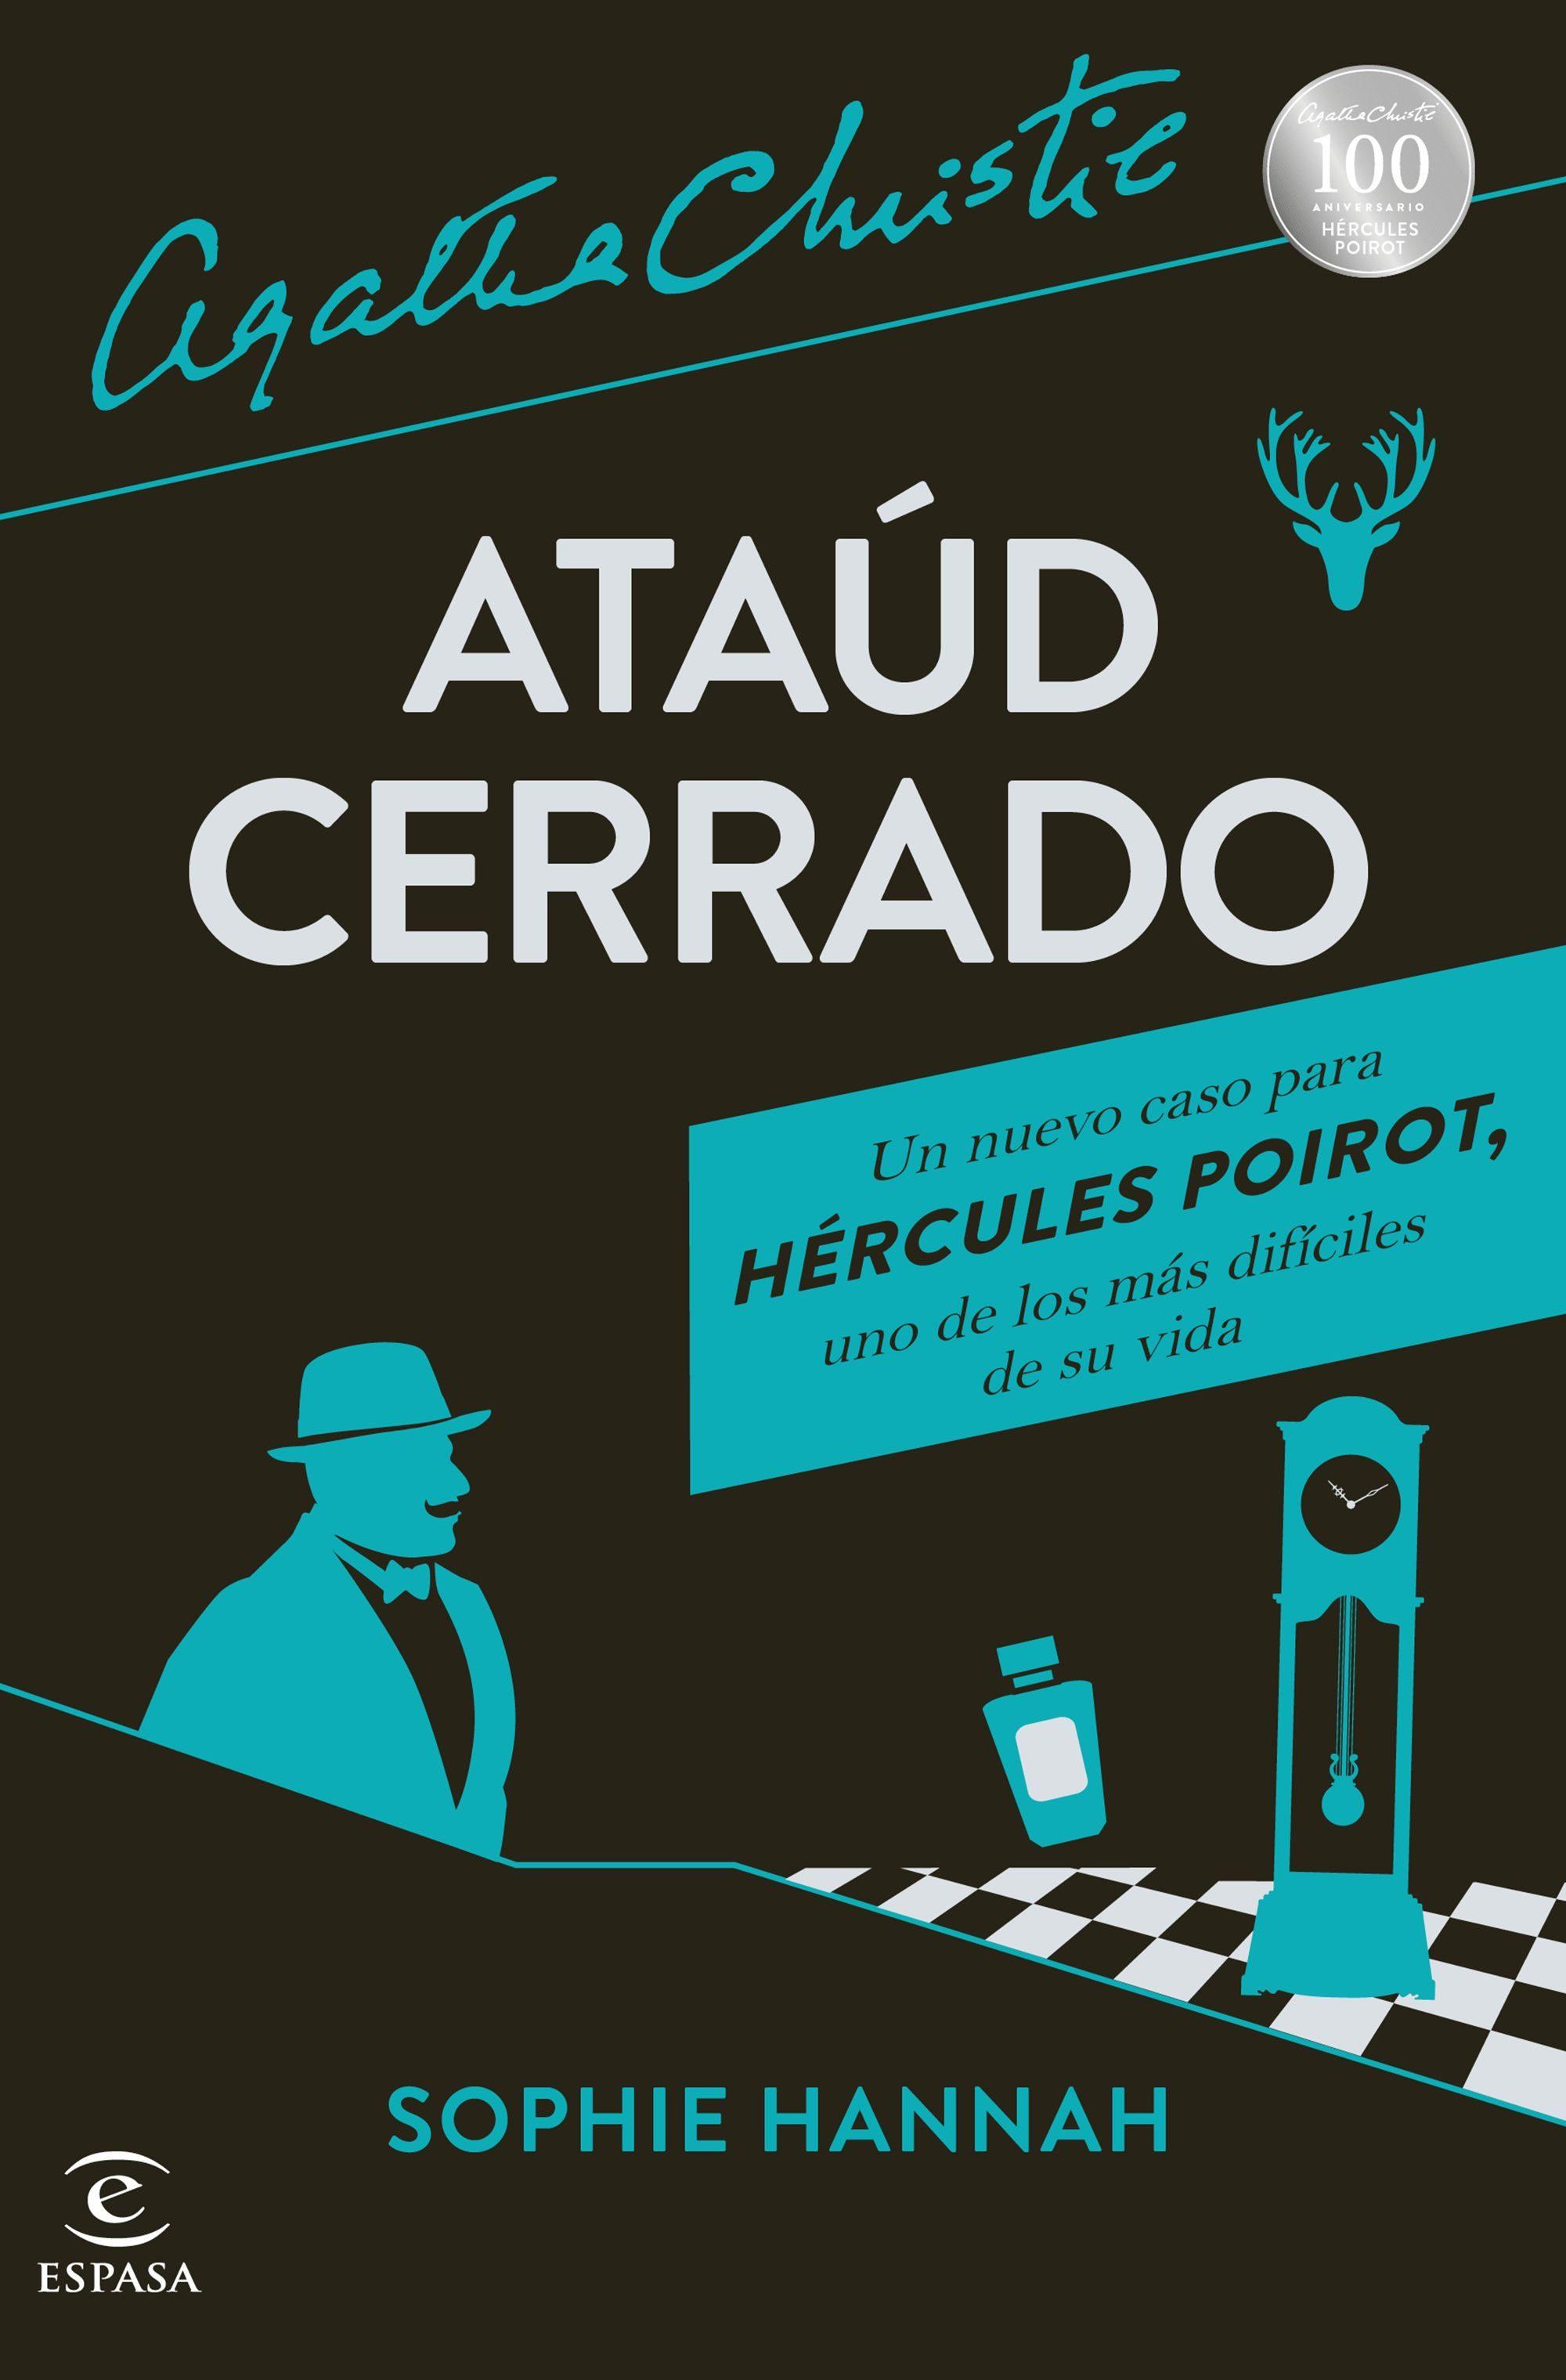 Poirot pone a funcionar sus células grises en una mansión atestada de odios y rencores